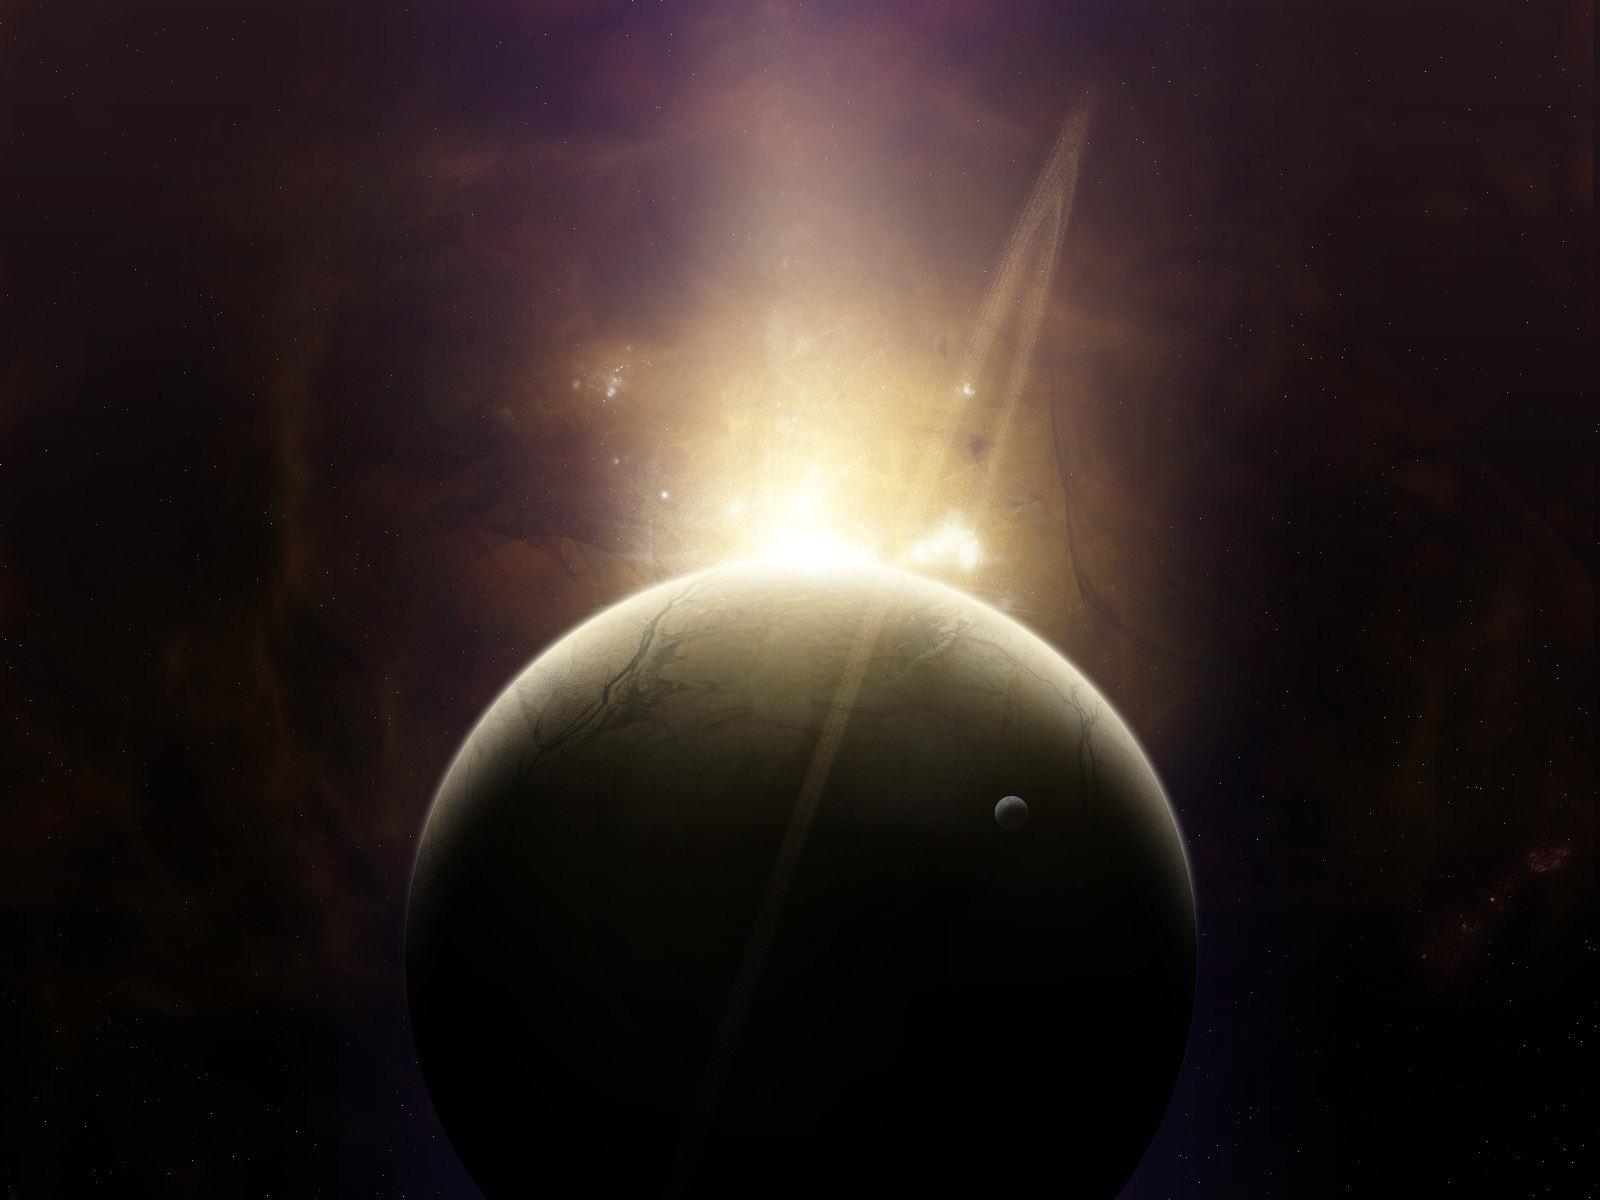 11357 скачать обои Пейзаж, Планеты, Космос - заставки и картинки бесплатно